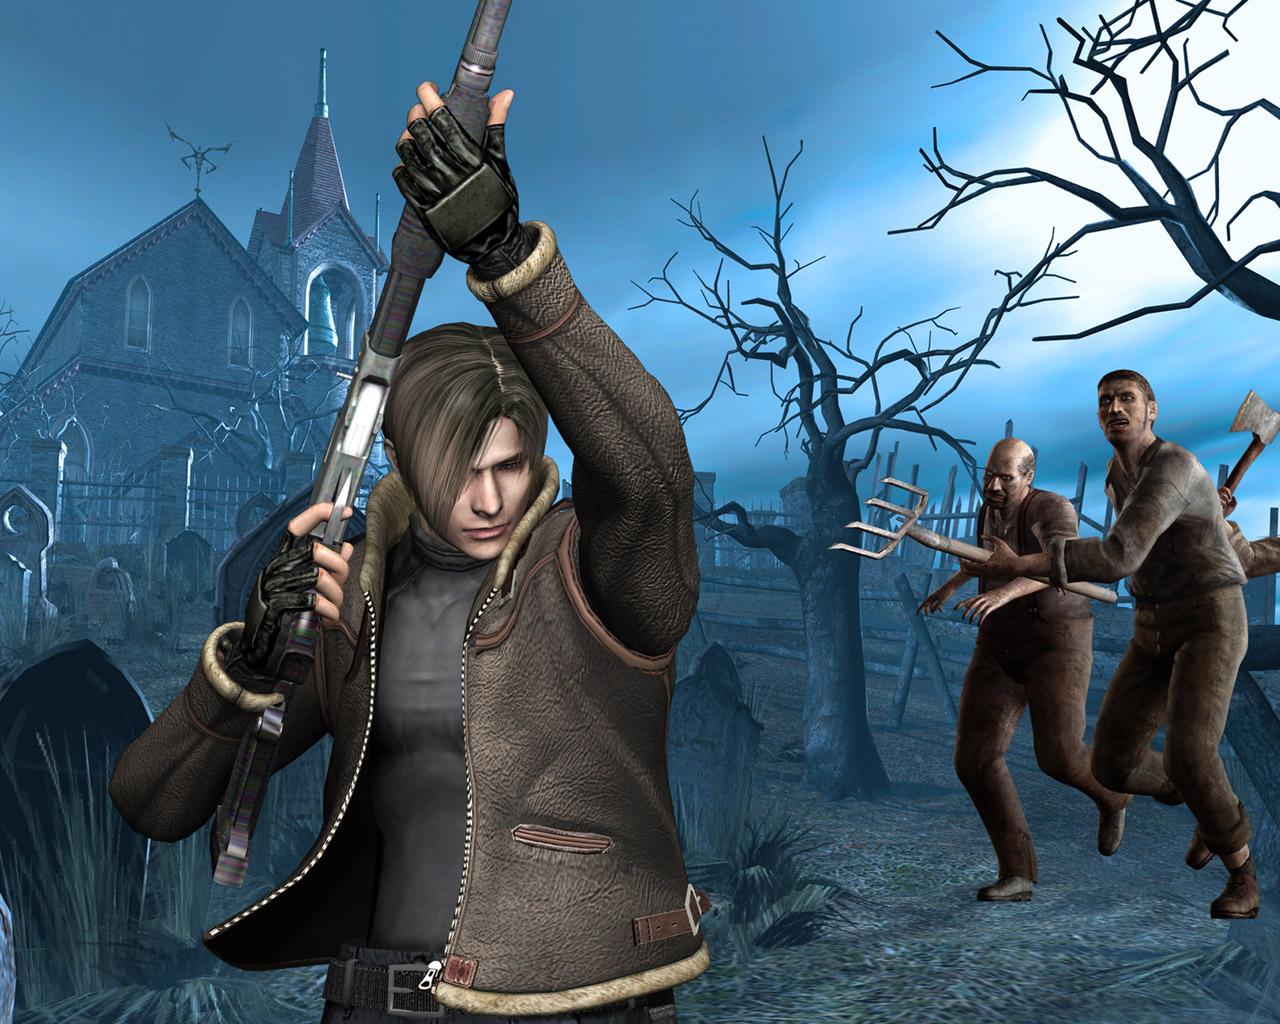 Resident Evil 4 Wallpaper in 1280x1024